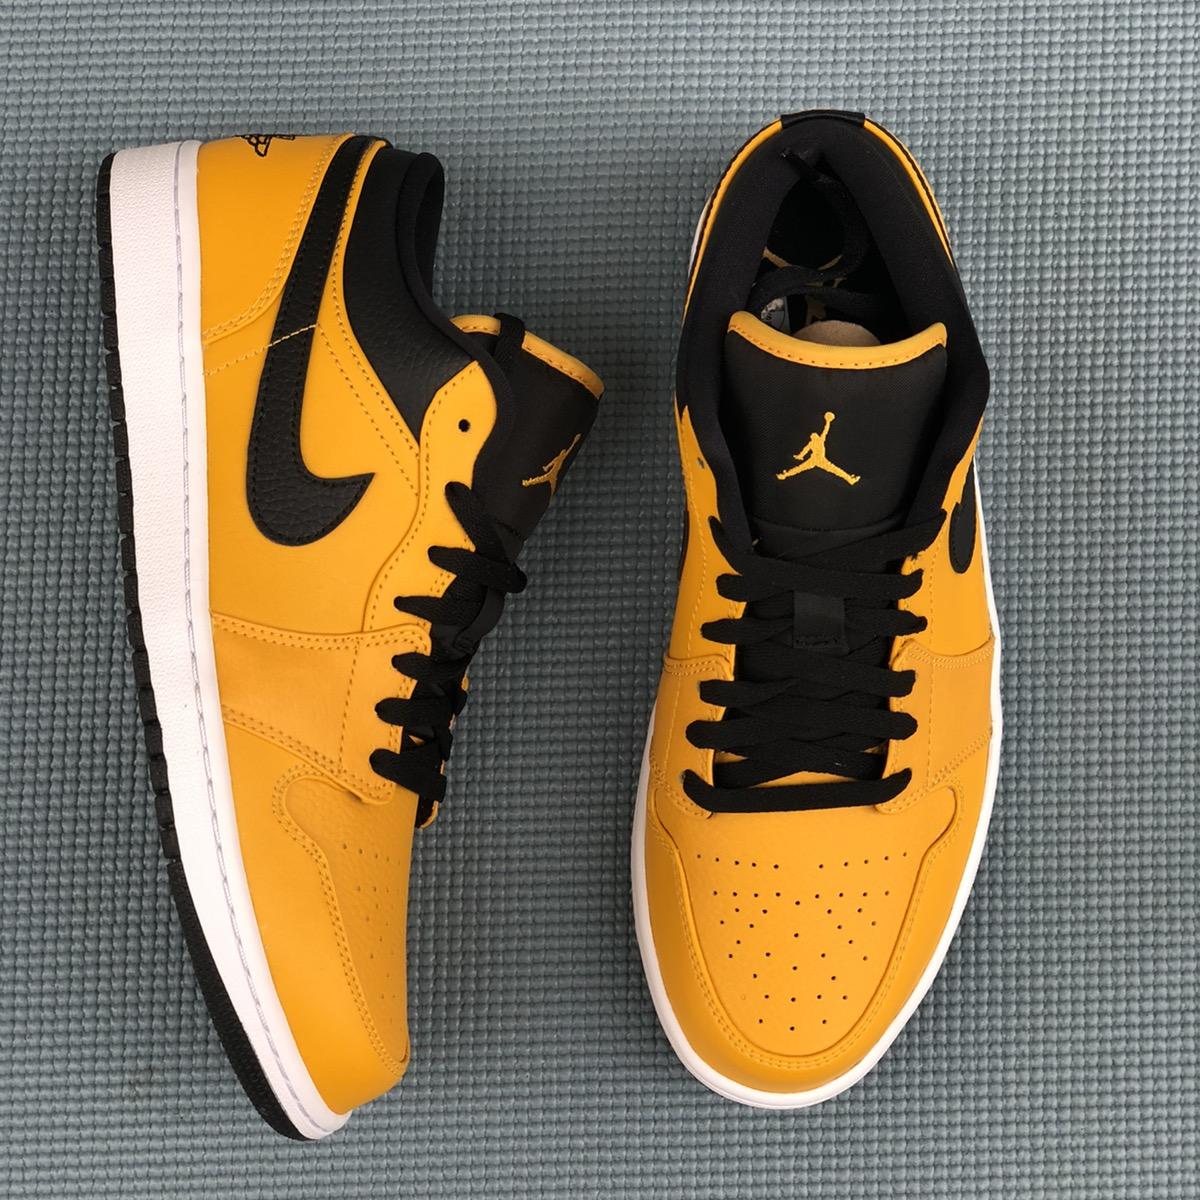 Jordan Brand Nike Air Jordan 1 Low University Gold